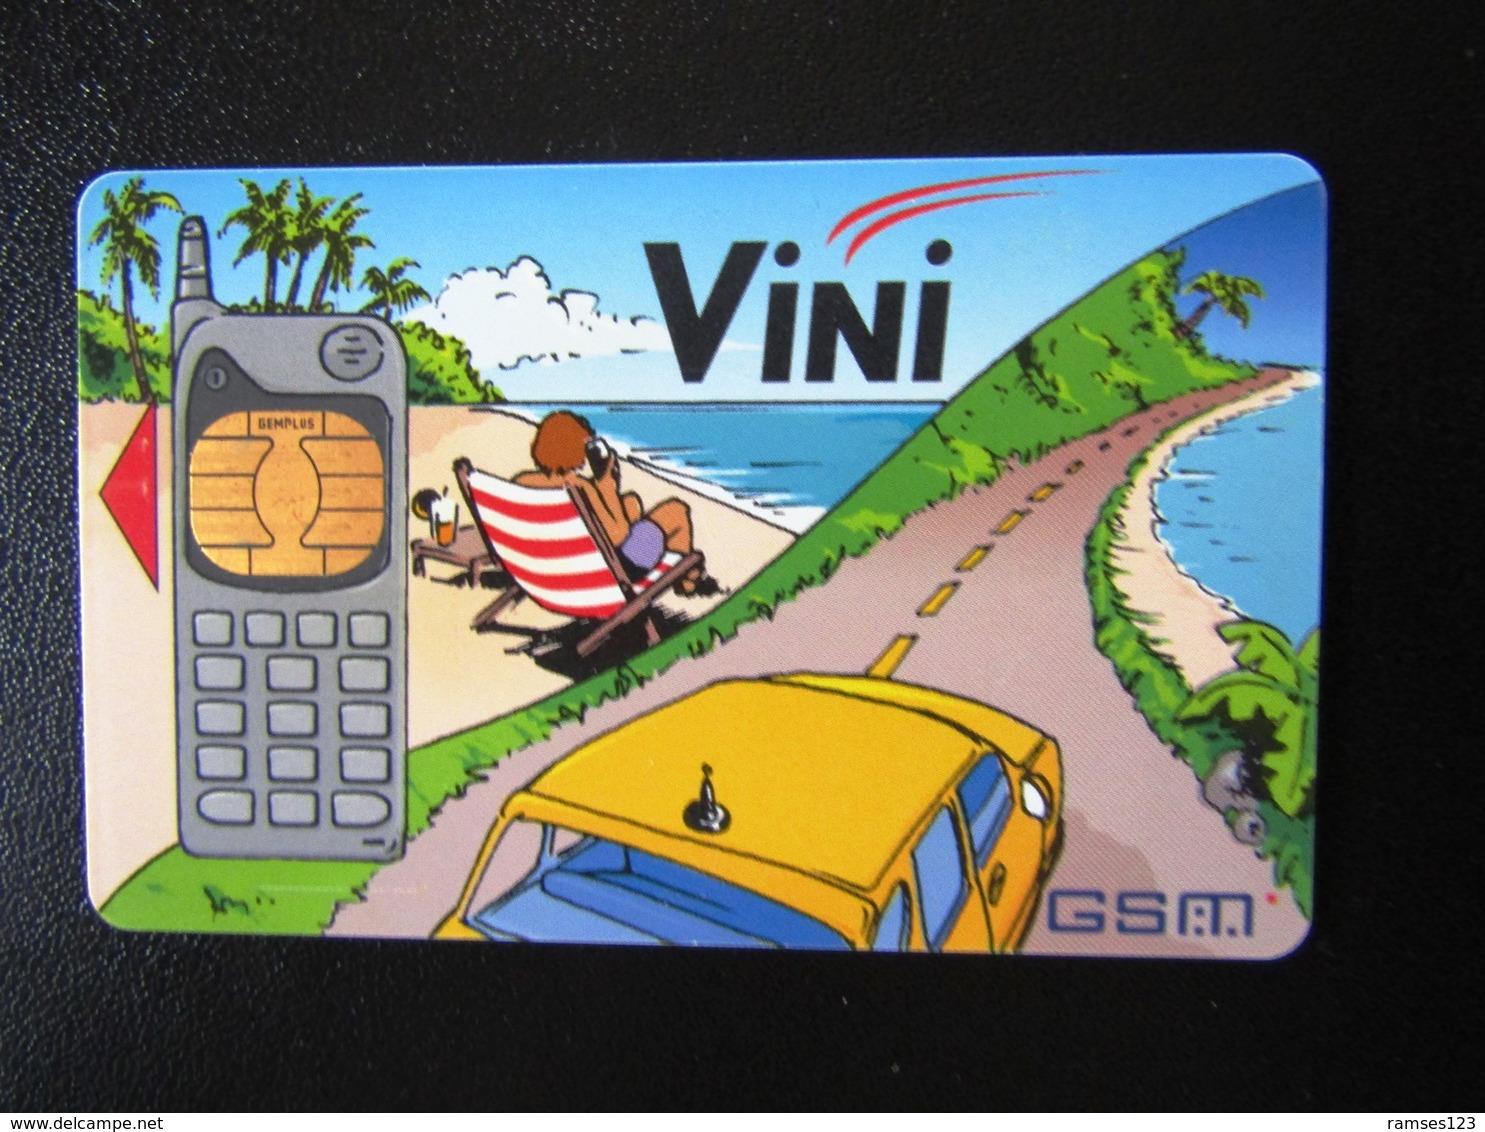 TRES RARE  PREMIERE GSM   VINI POLYNESIE       RRR  GSM NUMBER 1 POLYNESIE   RRR   TOP CONDITION - French Polynesia